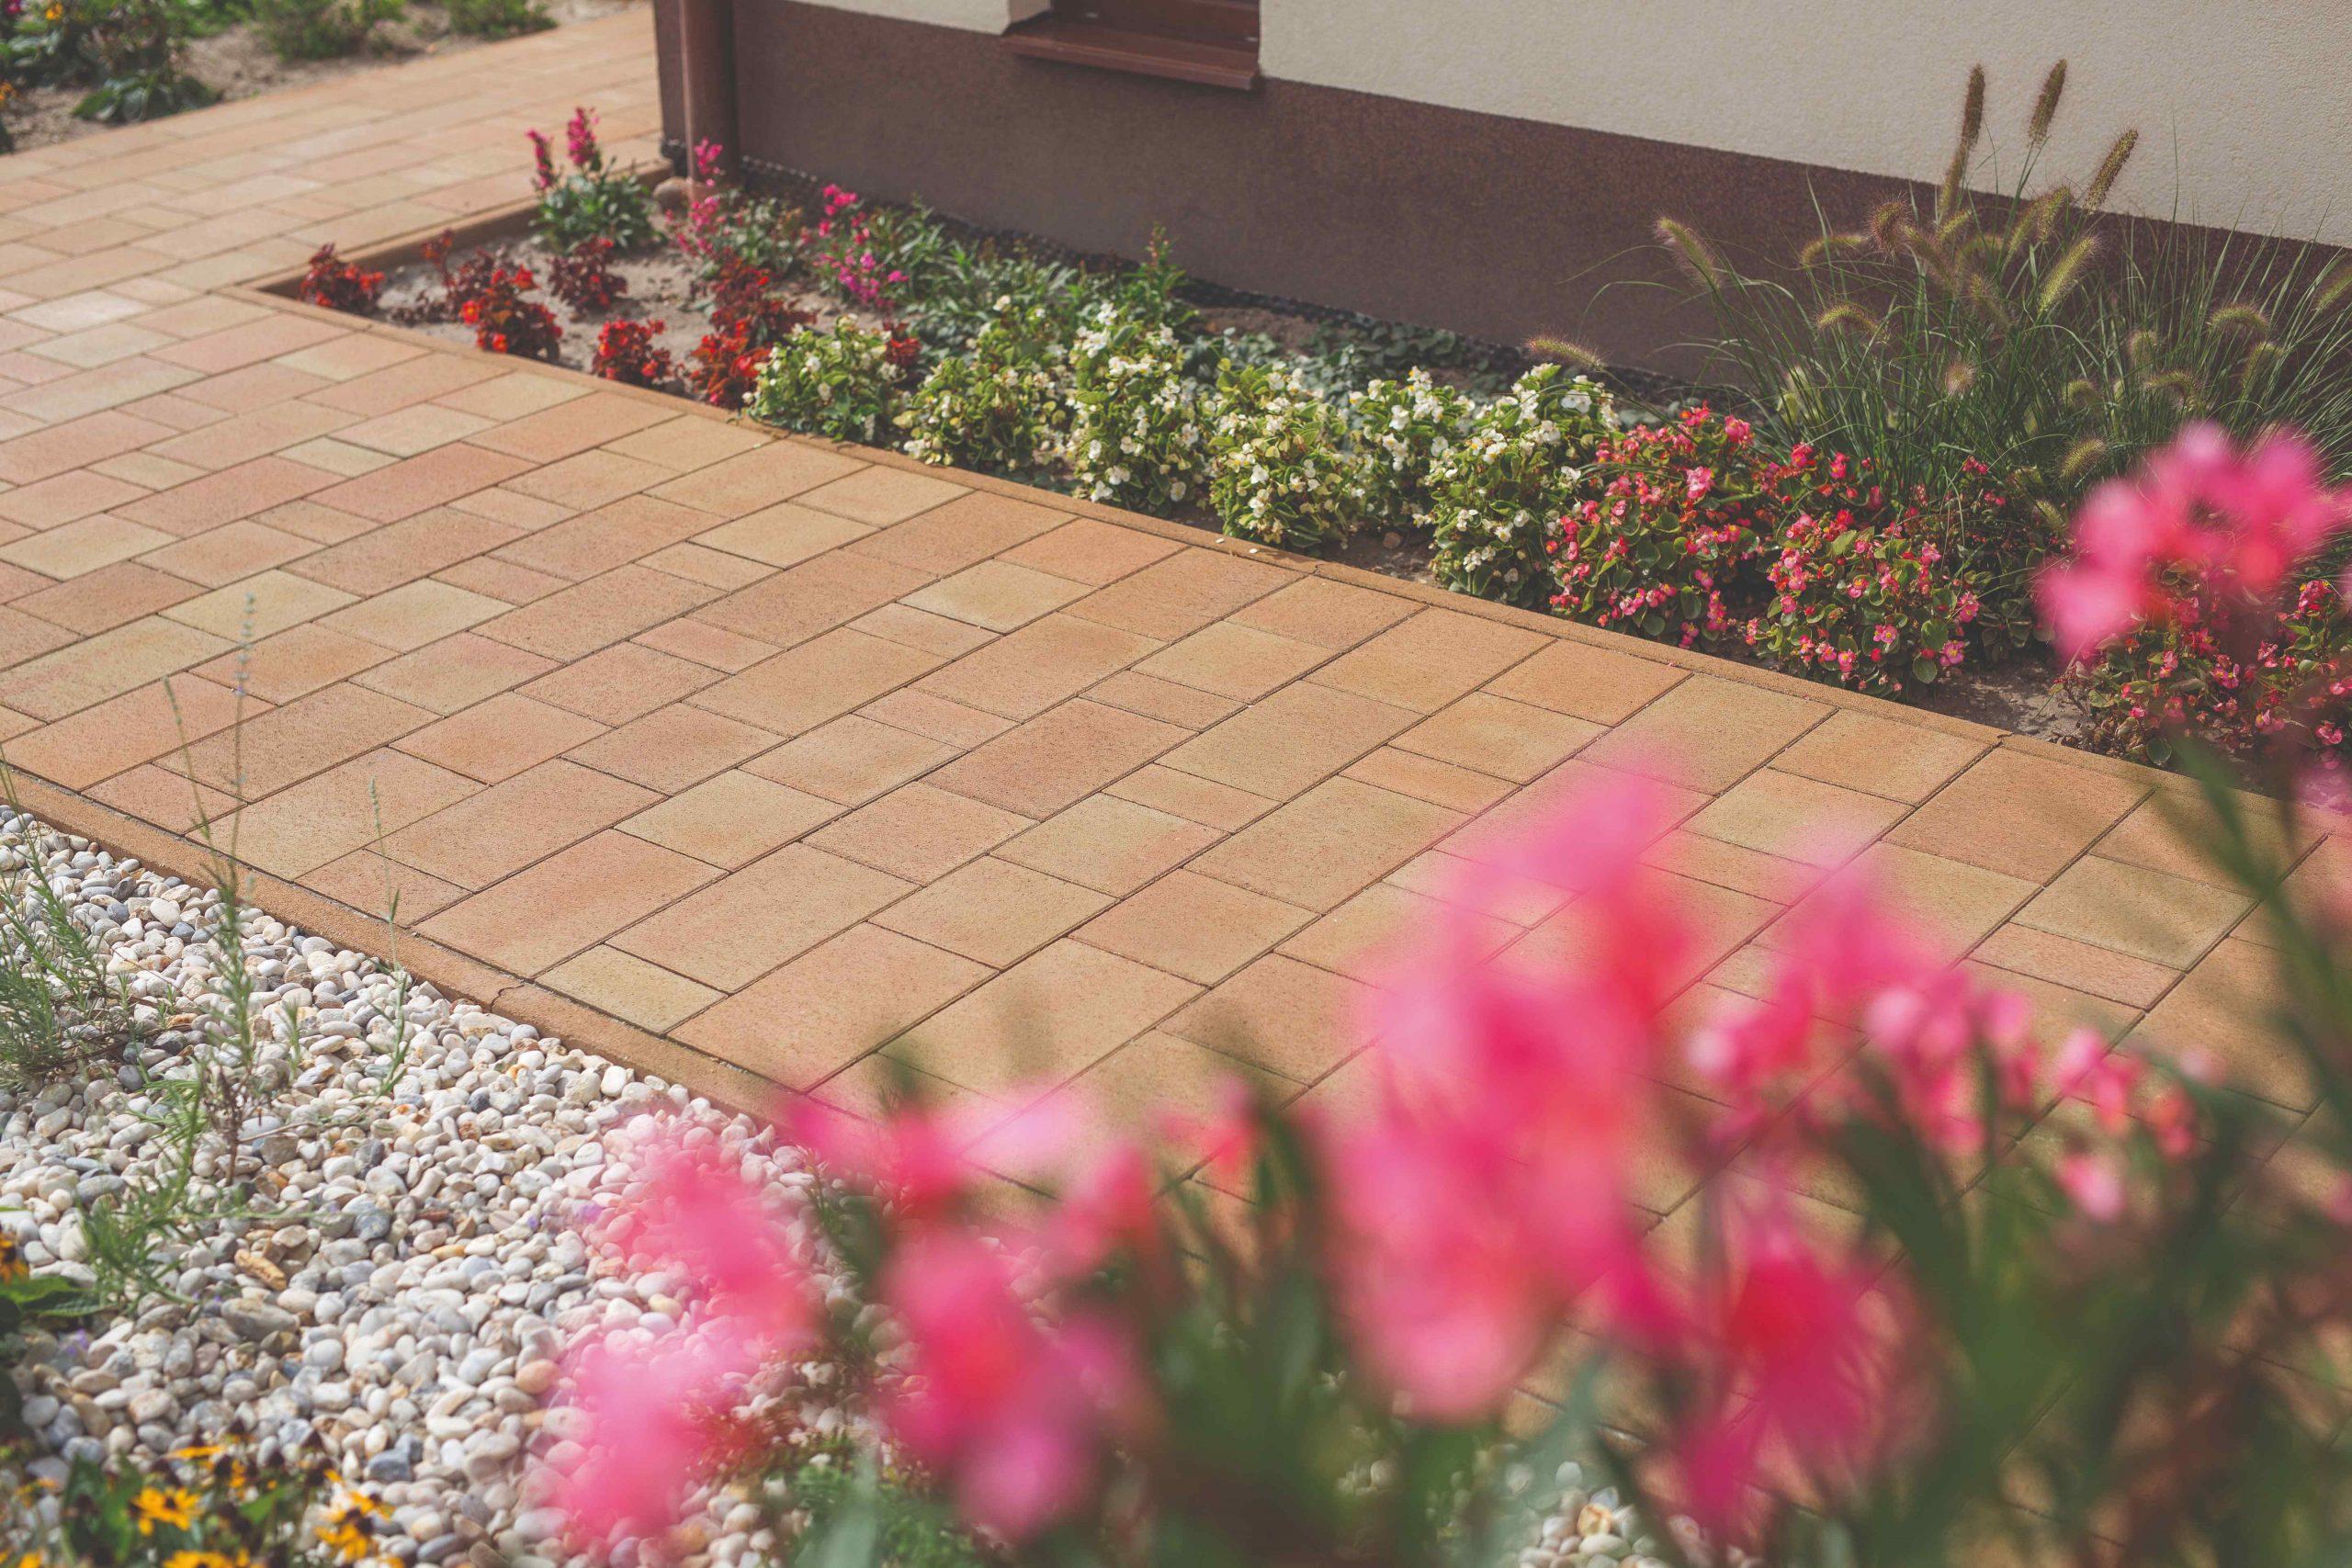 Dlažba tehlová na chodníčku pri dome s kvetinami